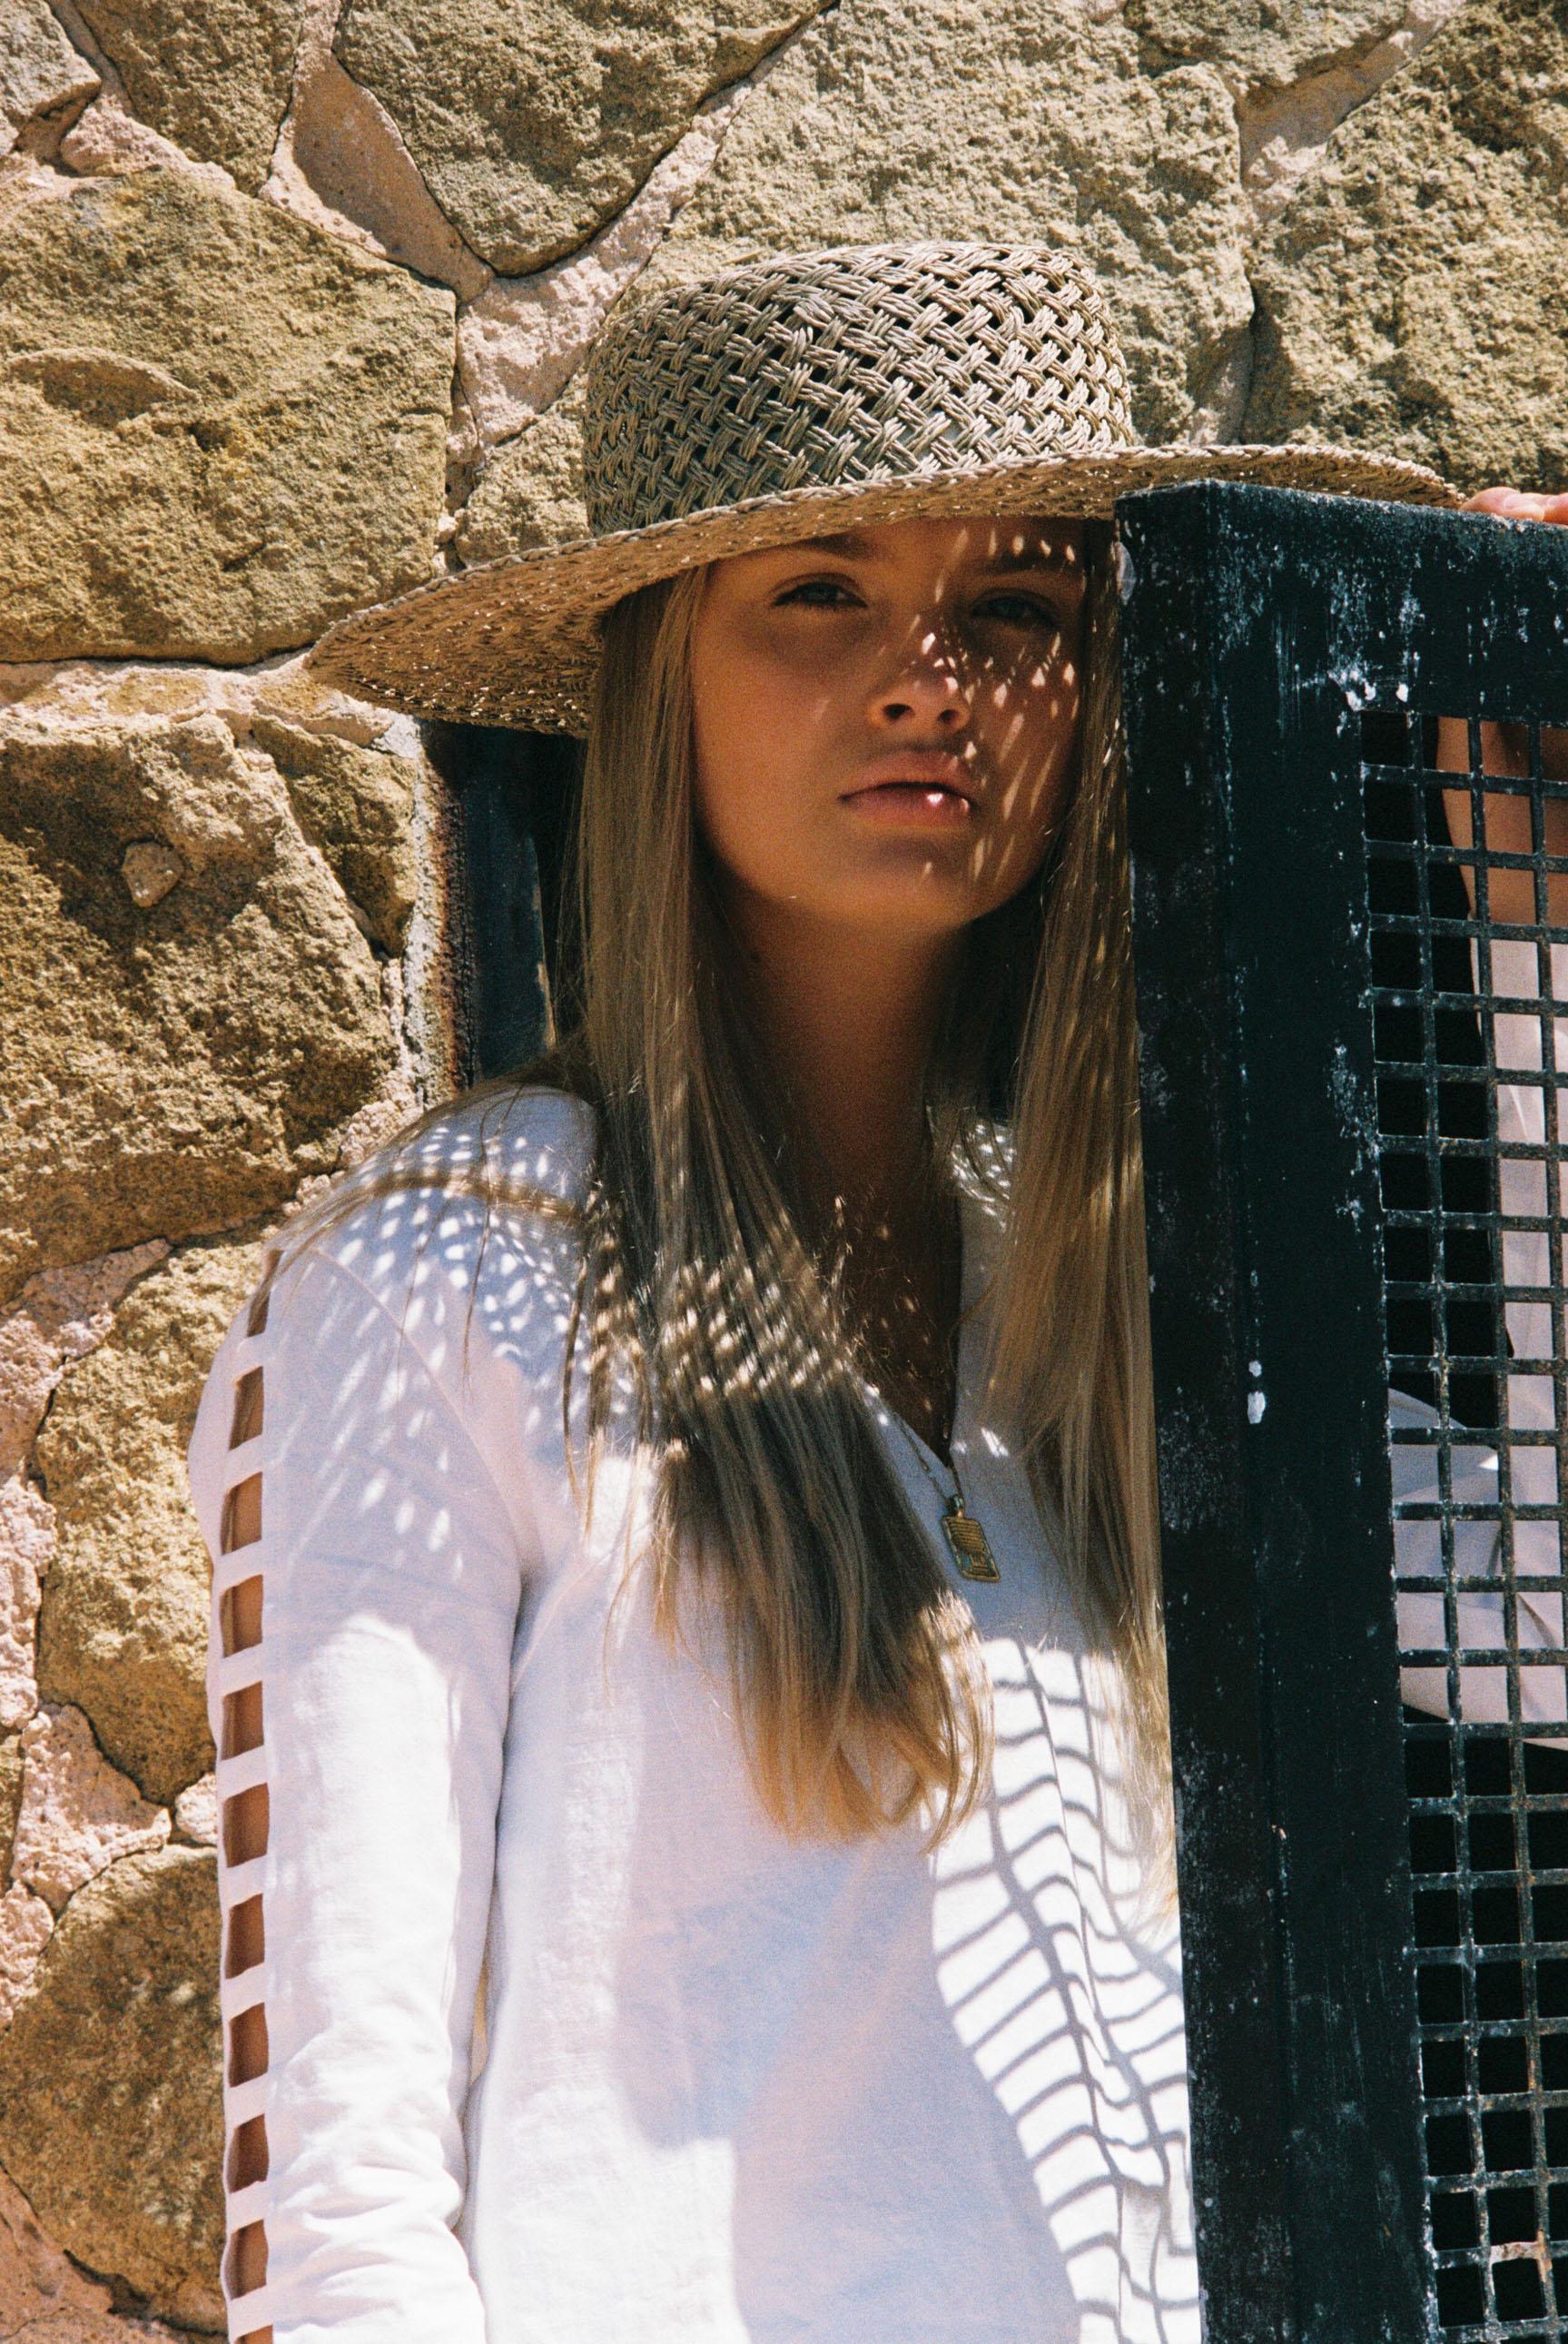 Бритни ван дер Стин в пляжной одежде модного бренда Rada Bryant, весна-лето 2020 / фото 06